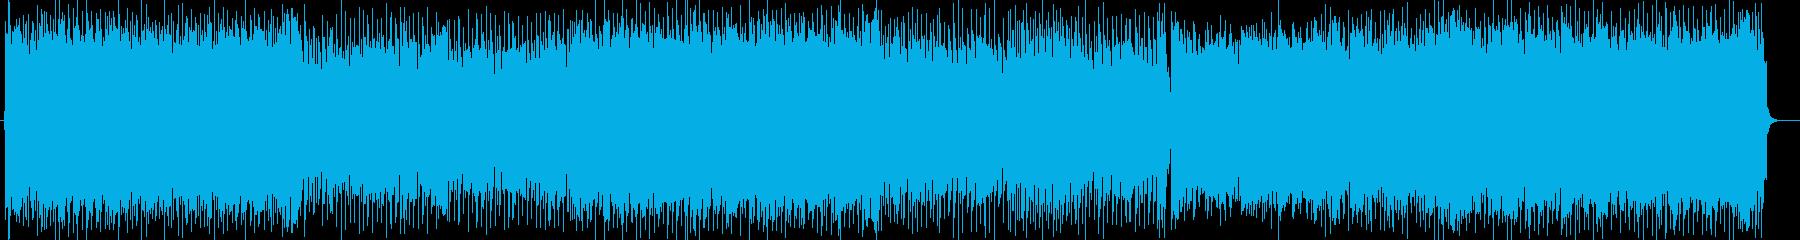 シンセサイザーの爽やかなポップスの再生済みの波形